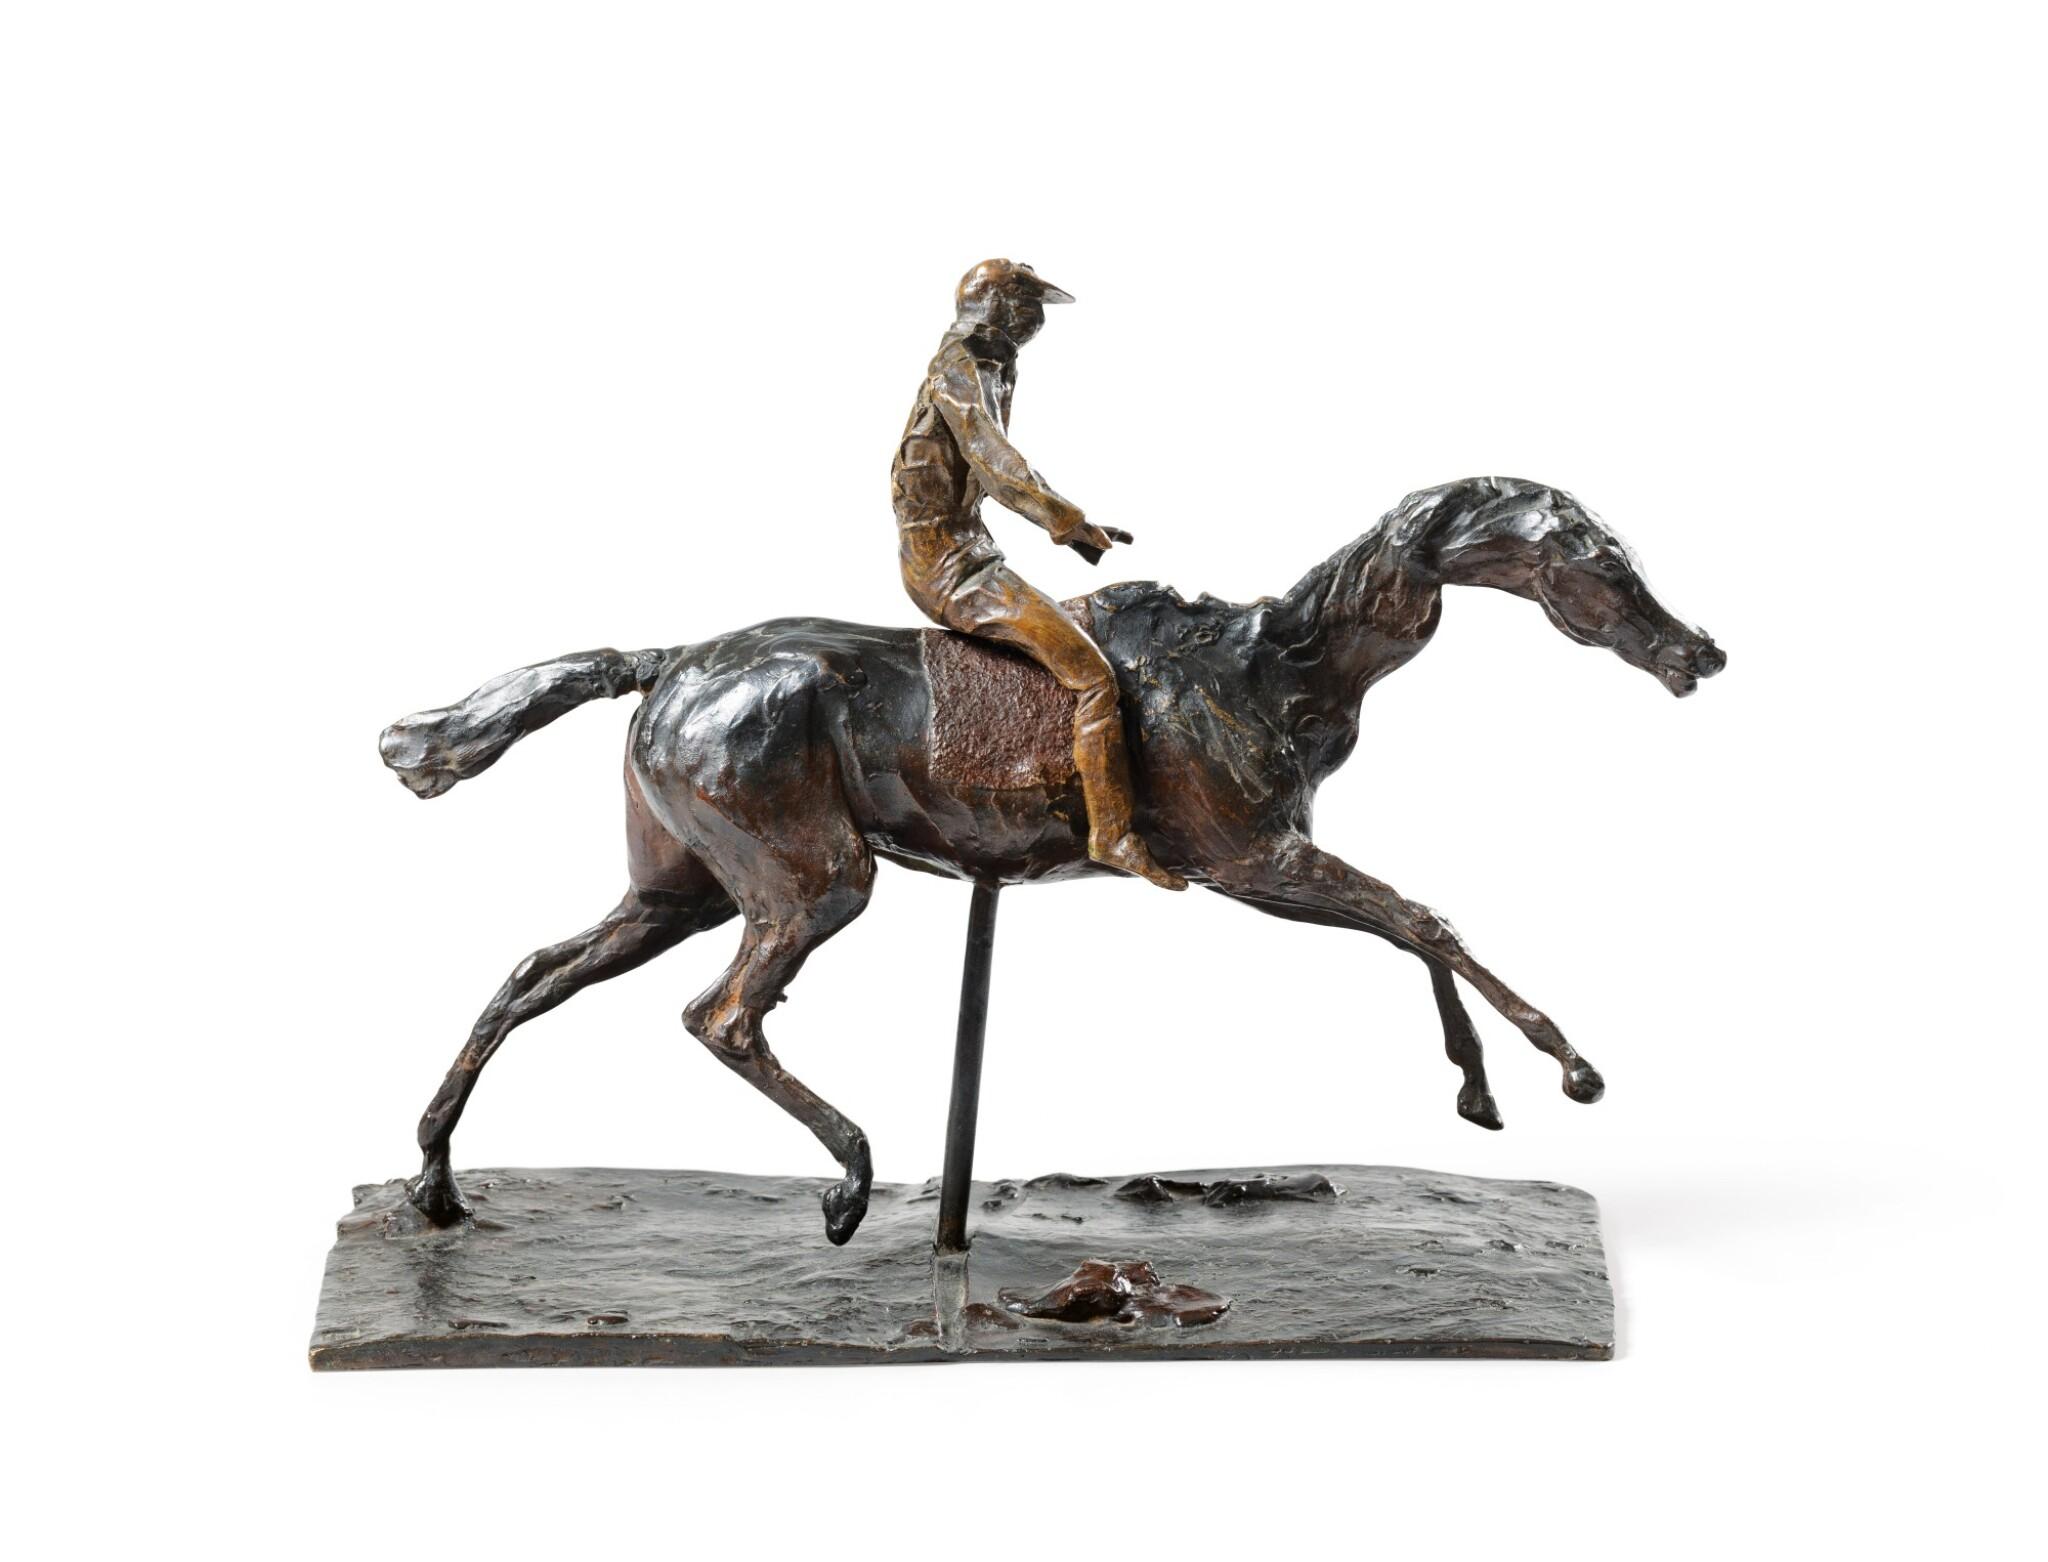 View full screen - View 1 of Lot 226. Cheval au galop sur le pied droit, le pied gauche arrière seul touchant terre ; jockey monté sur le cheval.